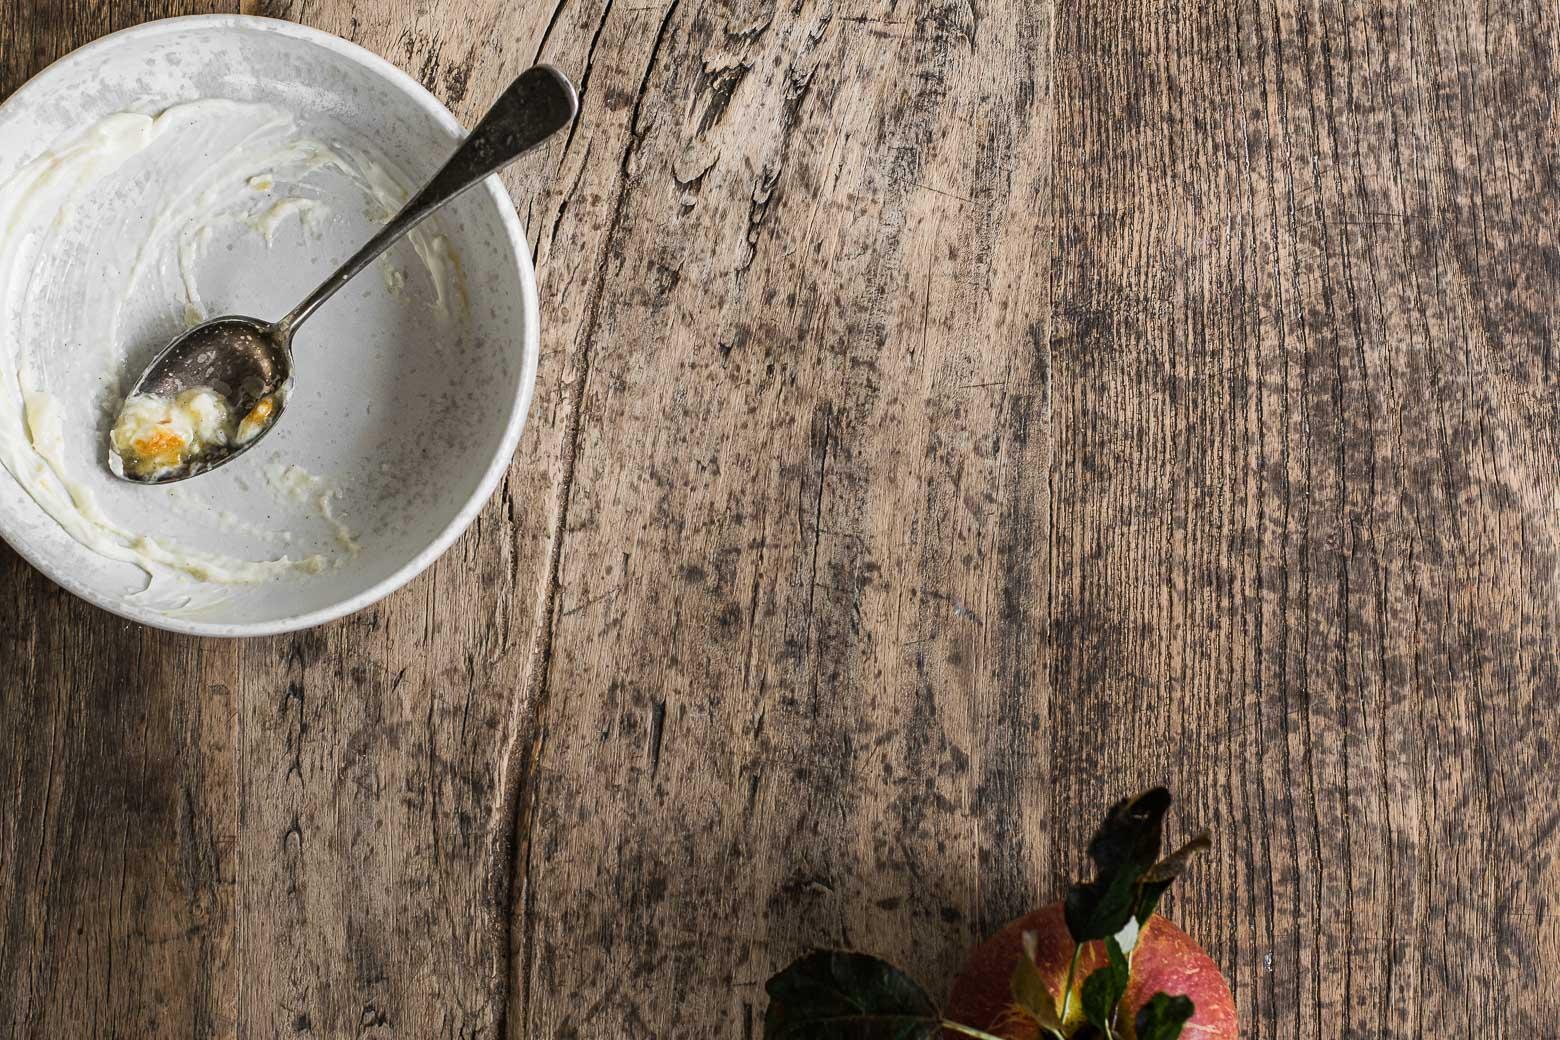 Æblegrød med kanelcreme og honningkaramel · 9